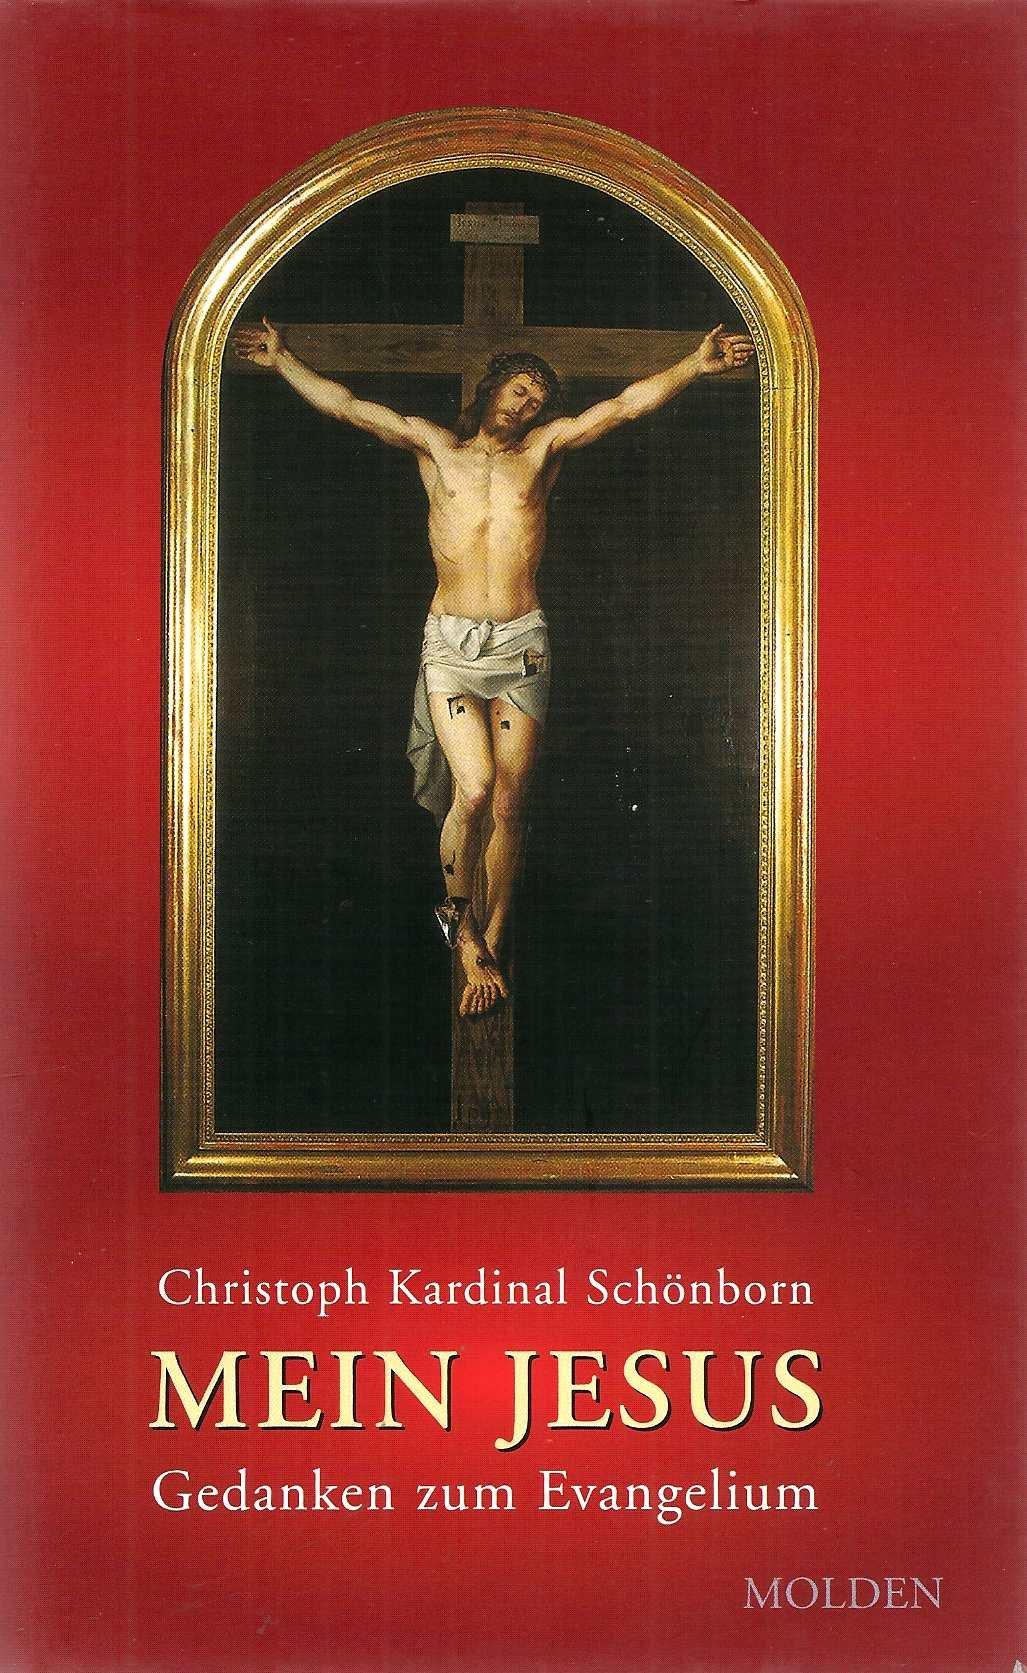 mein-jesus-gedanken-zum-evangelium